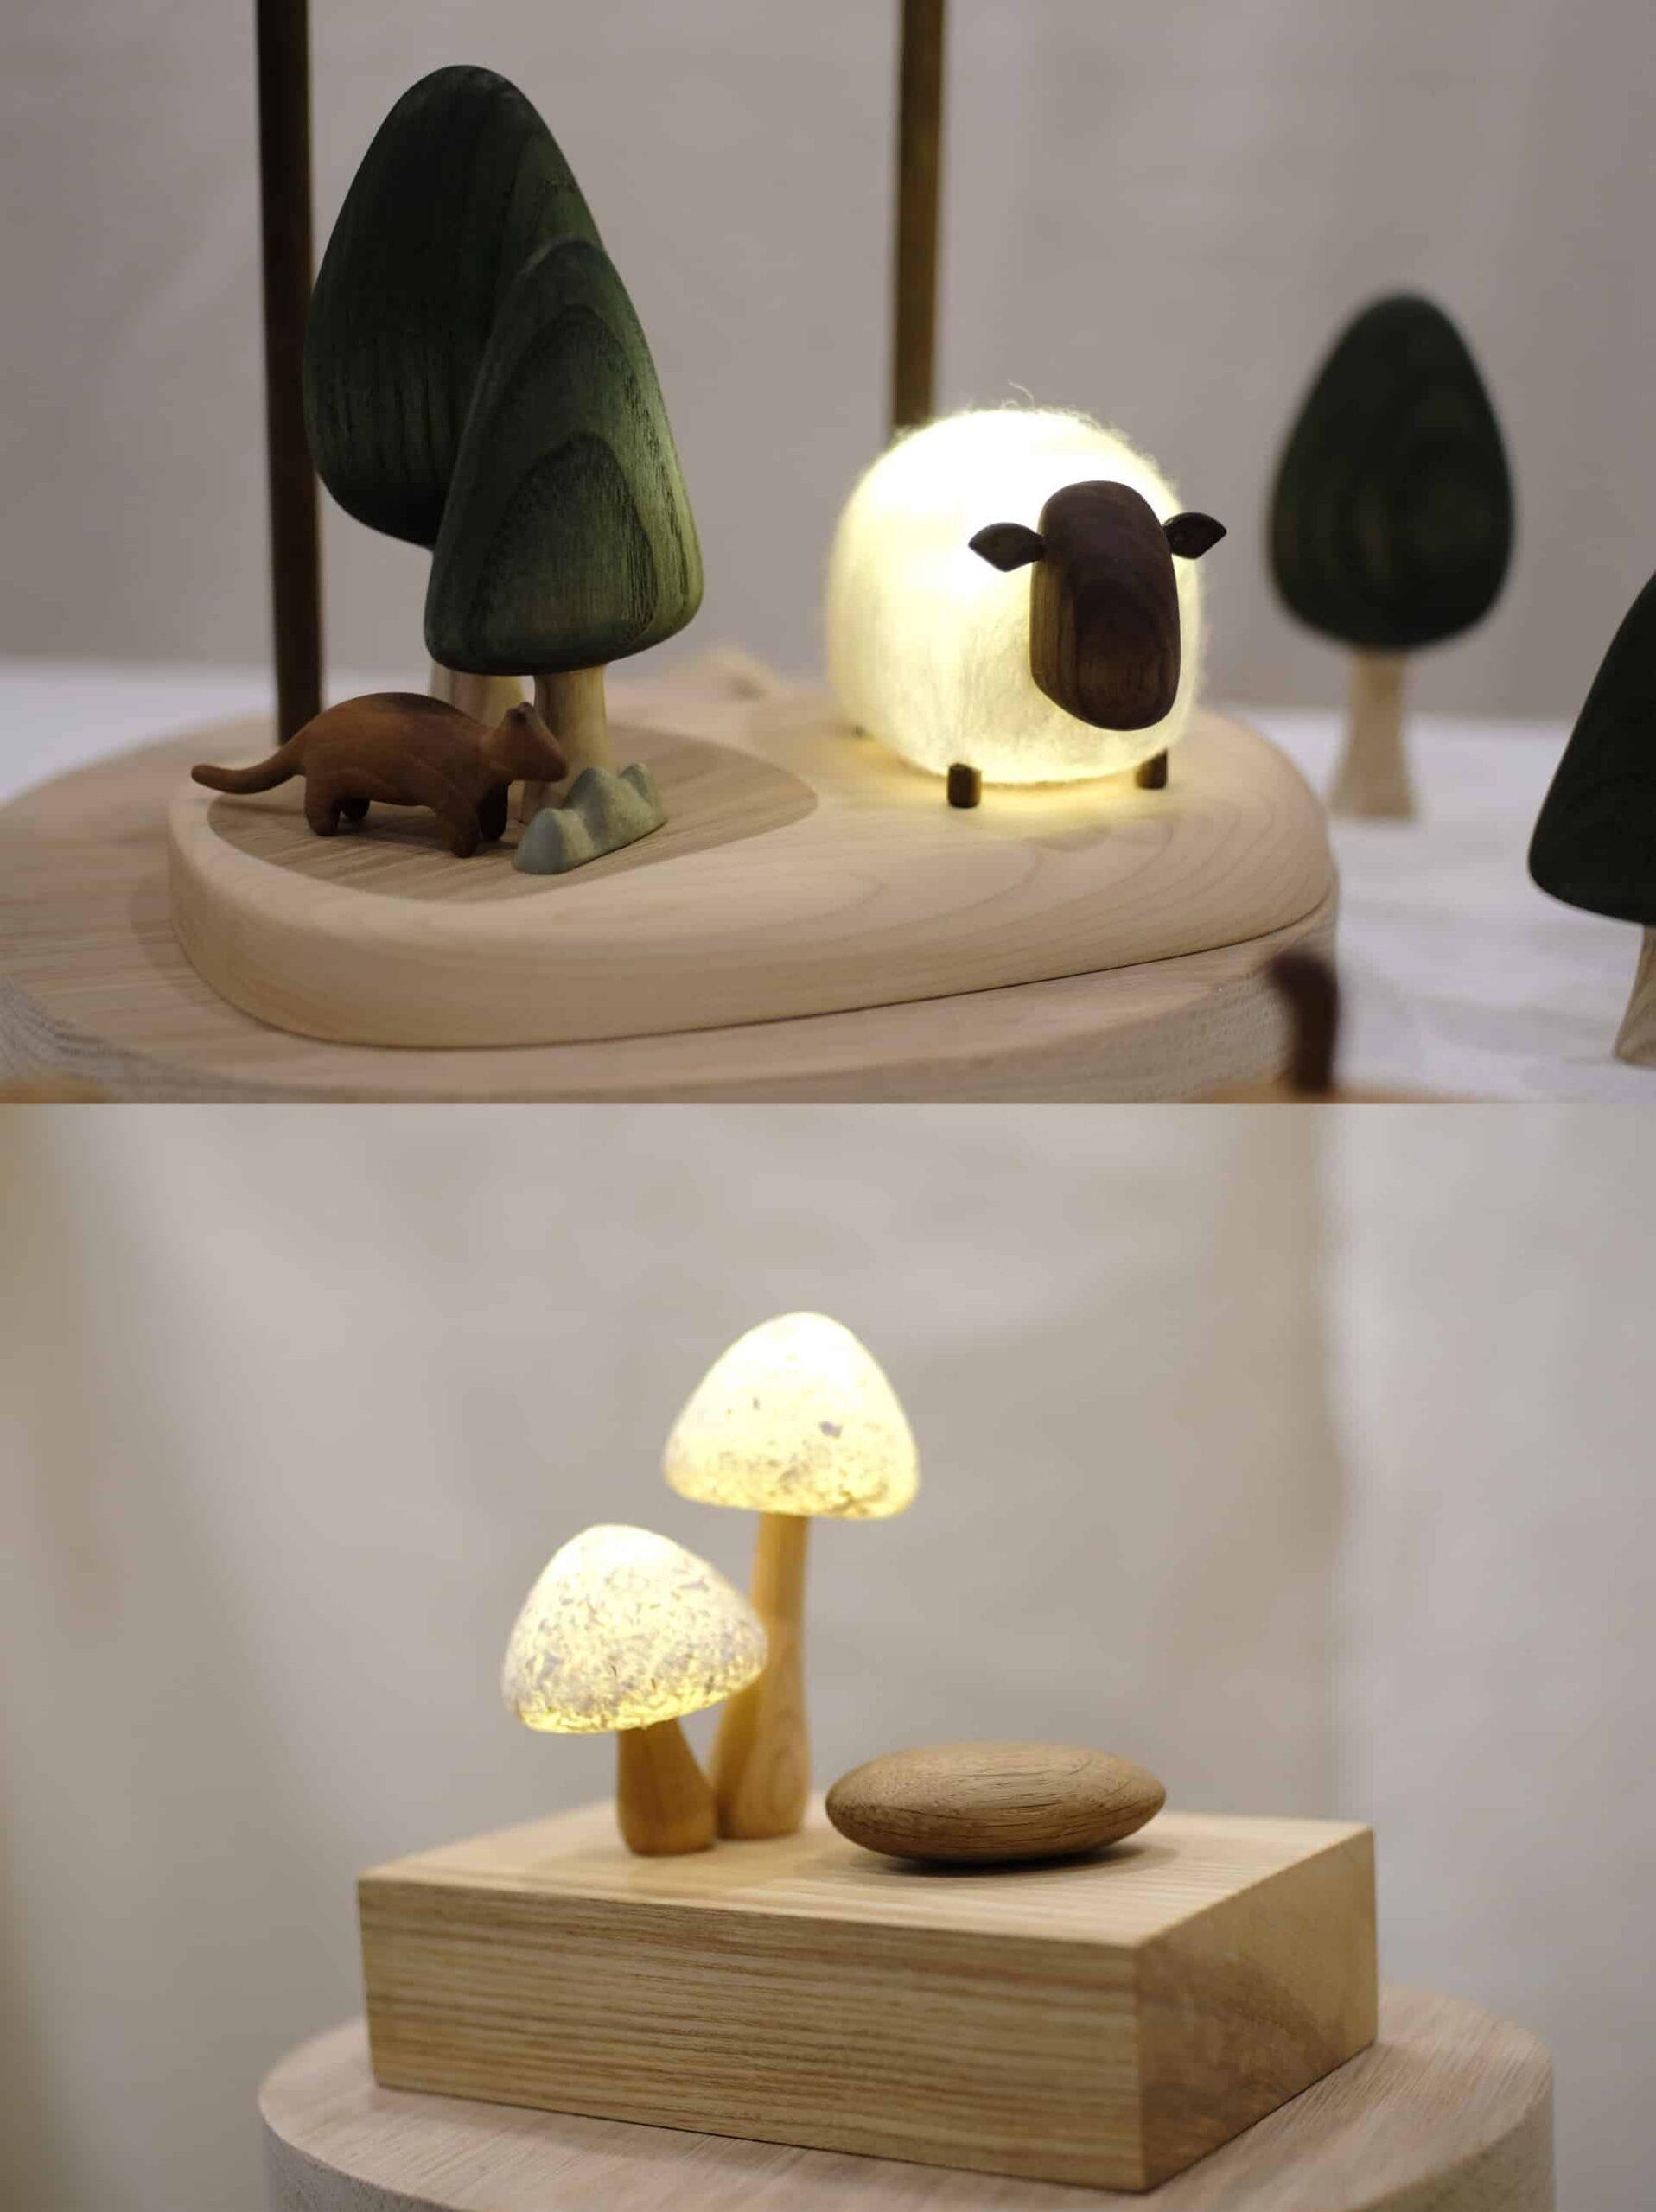 互動式木質燈飾_圖片提供/MoziDozen木子到森1 木作+燈具,電燈開關和木頭的結合就像是解謎的過程